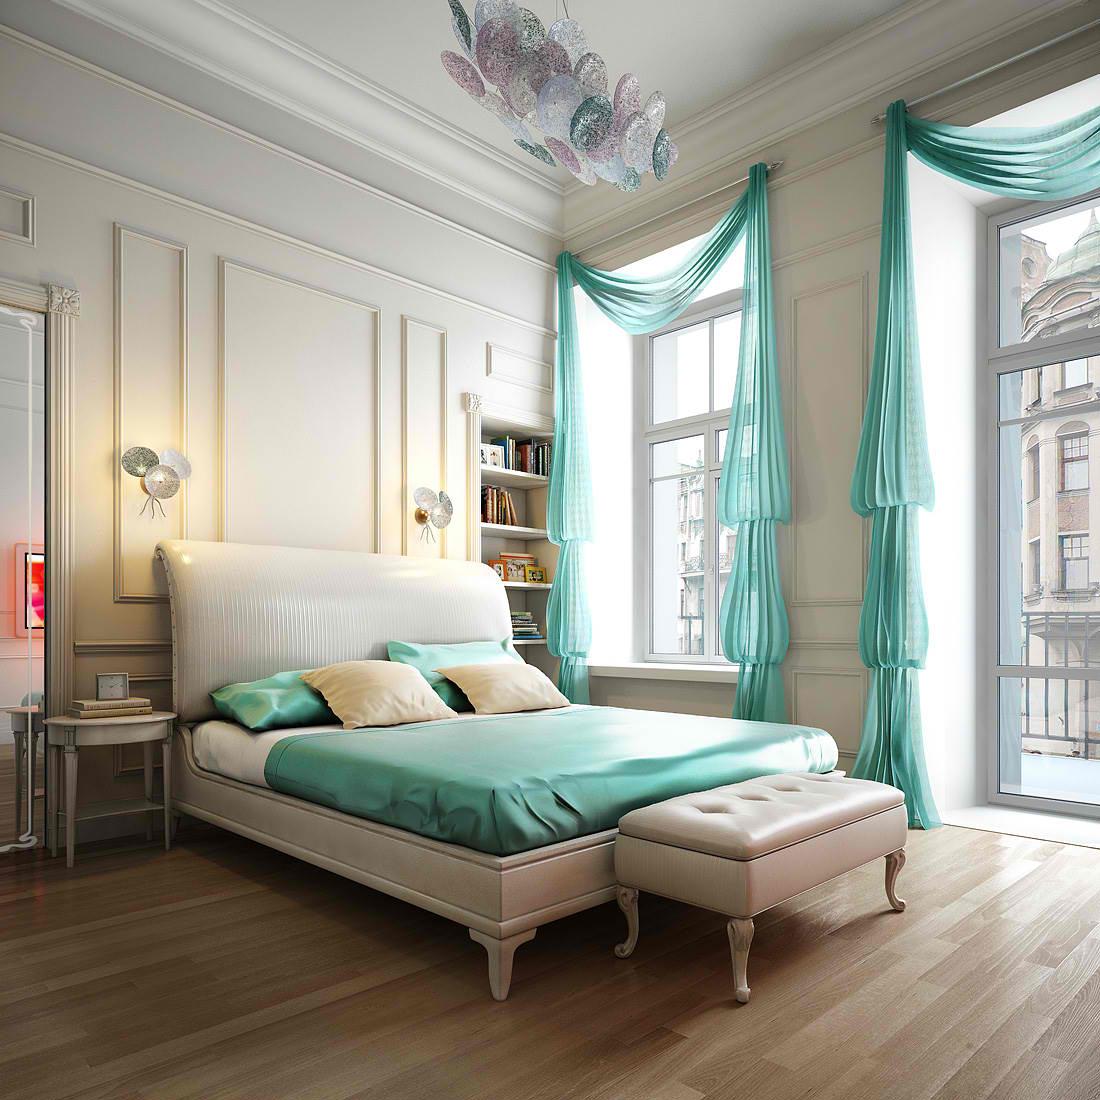 بالصور ديكورات غرف نوم للعرسان , احدث اصدارات غرف النوم 5314 2